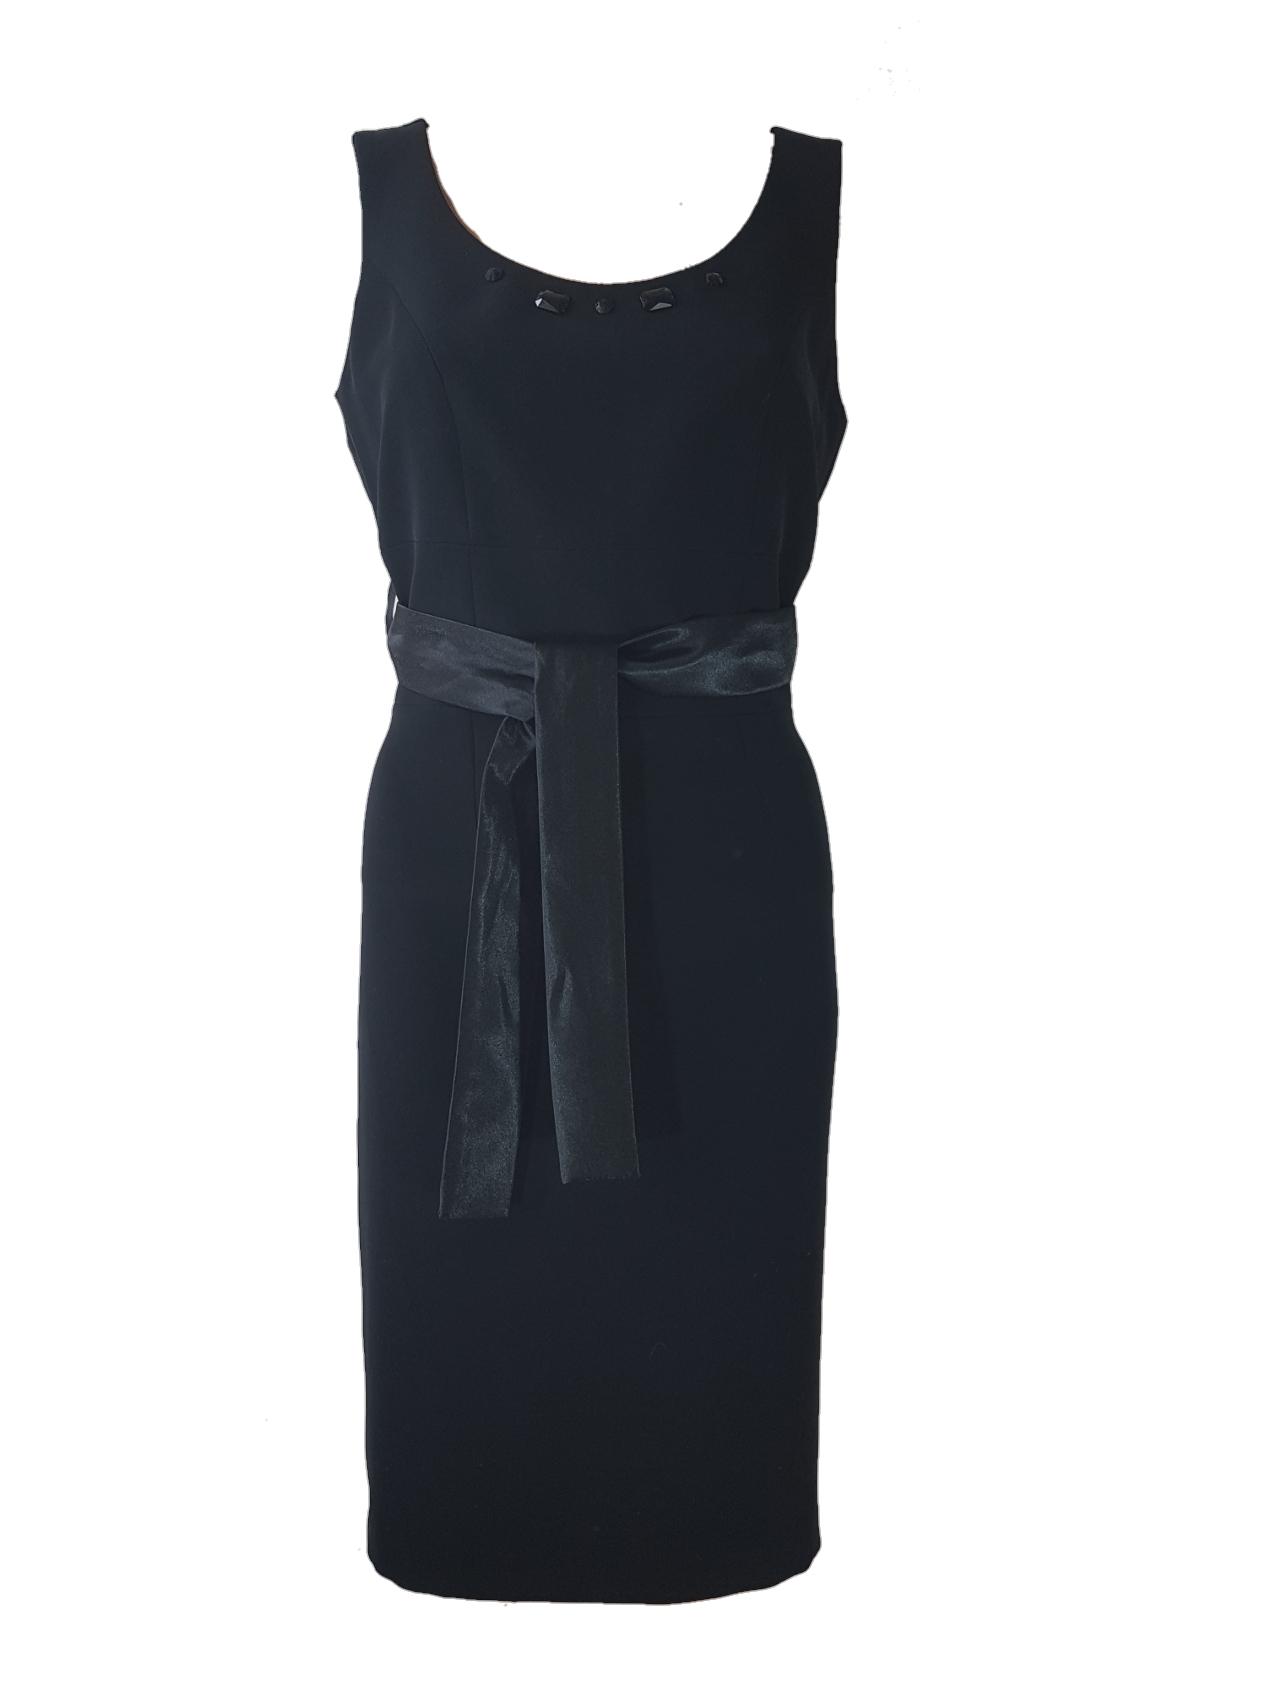 c288925fc5 Elegancka Sukienka mała czarna r. 38 - 7418265007 - oficjalne ...